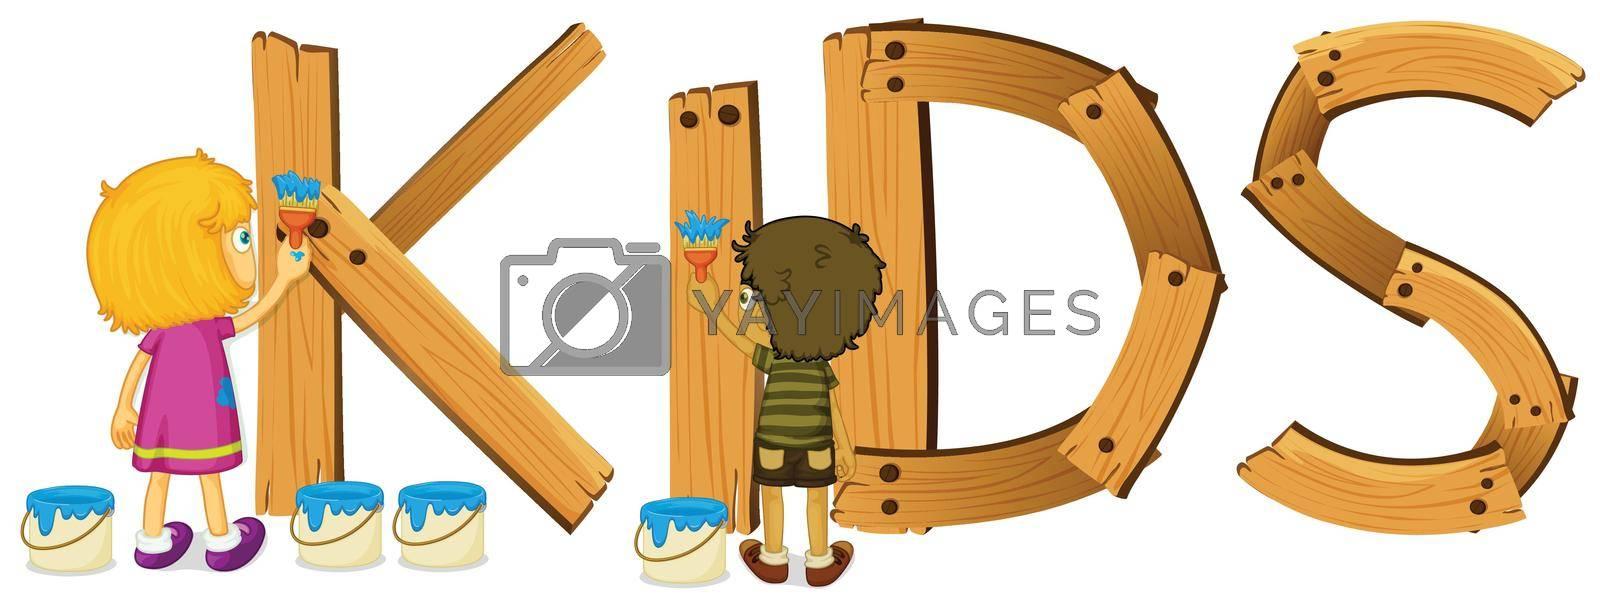 Illustration of a wooden kids sign